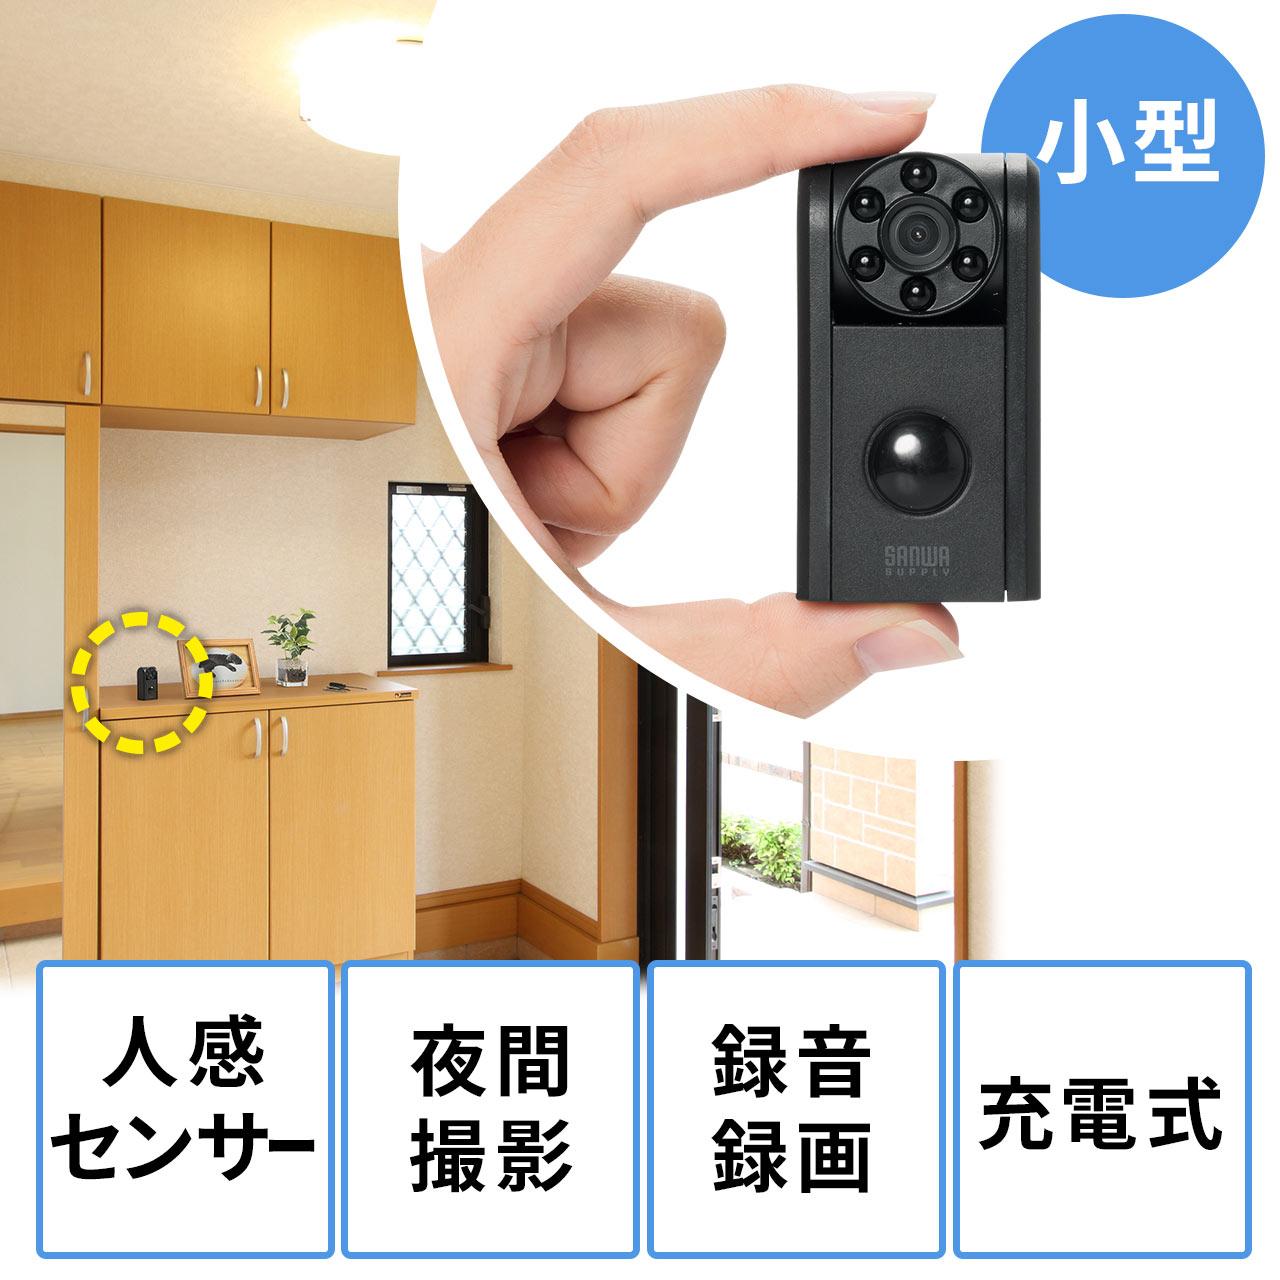 防犯カメラ 小型(屋内用・家庭用・HD画質・赤外線LED・セキュリティーカメラ・赤外線感知・音声記録可能・ブラック) サンワダイレクト サンワサプライ 400-CAM062